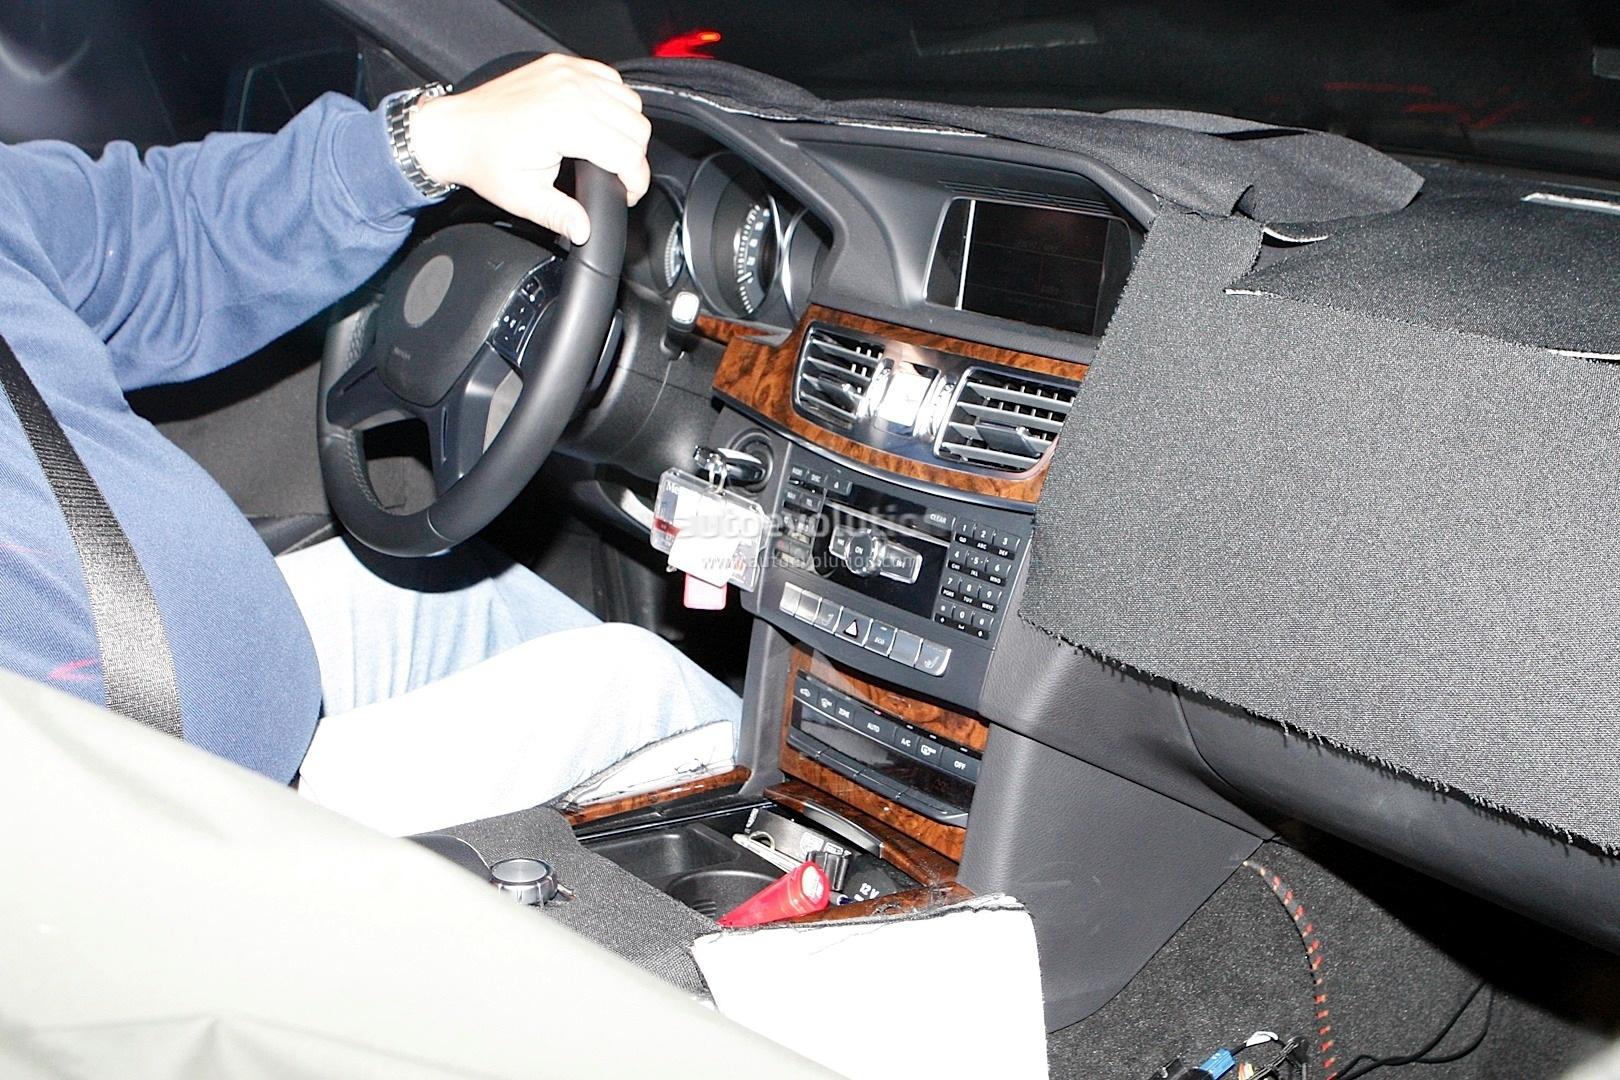 Новый мерседес e-класса засветился в легком камуфляже - сайт за рулем wwwzrru